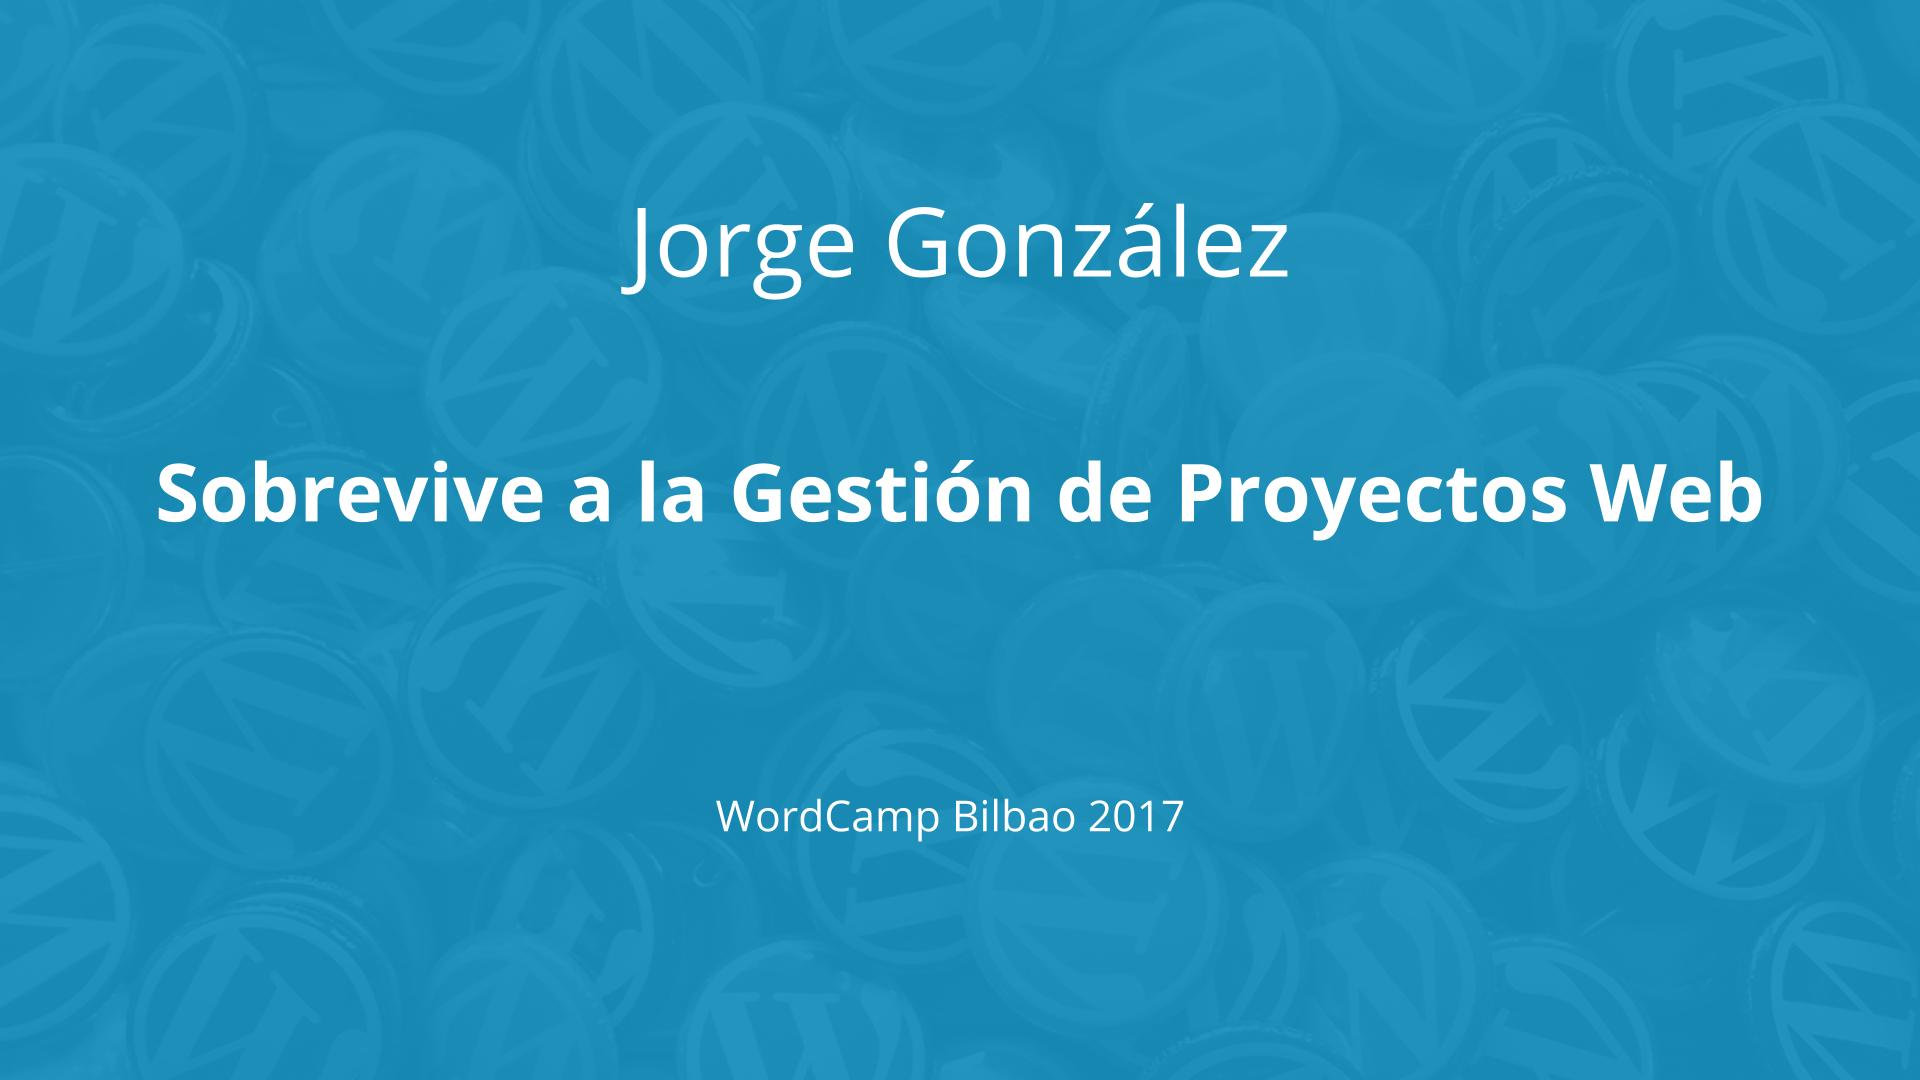 Jorge González: Sobrevive a la Gestión de Proyectos Web